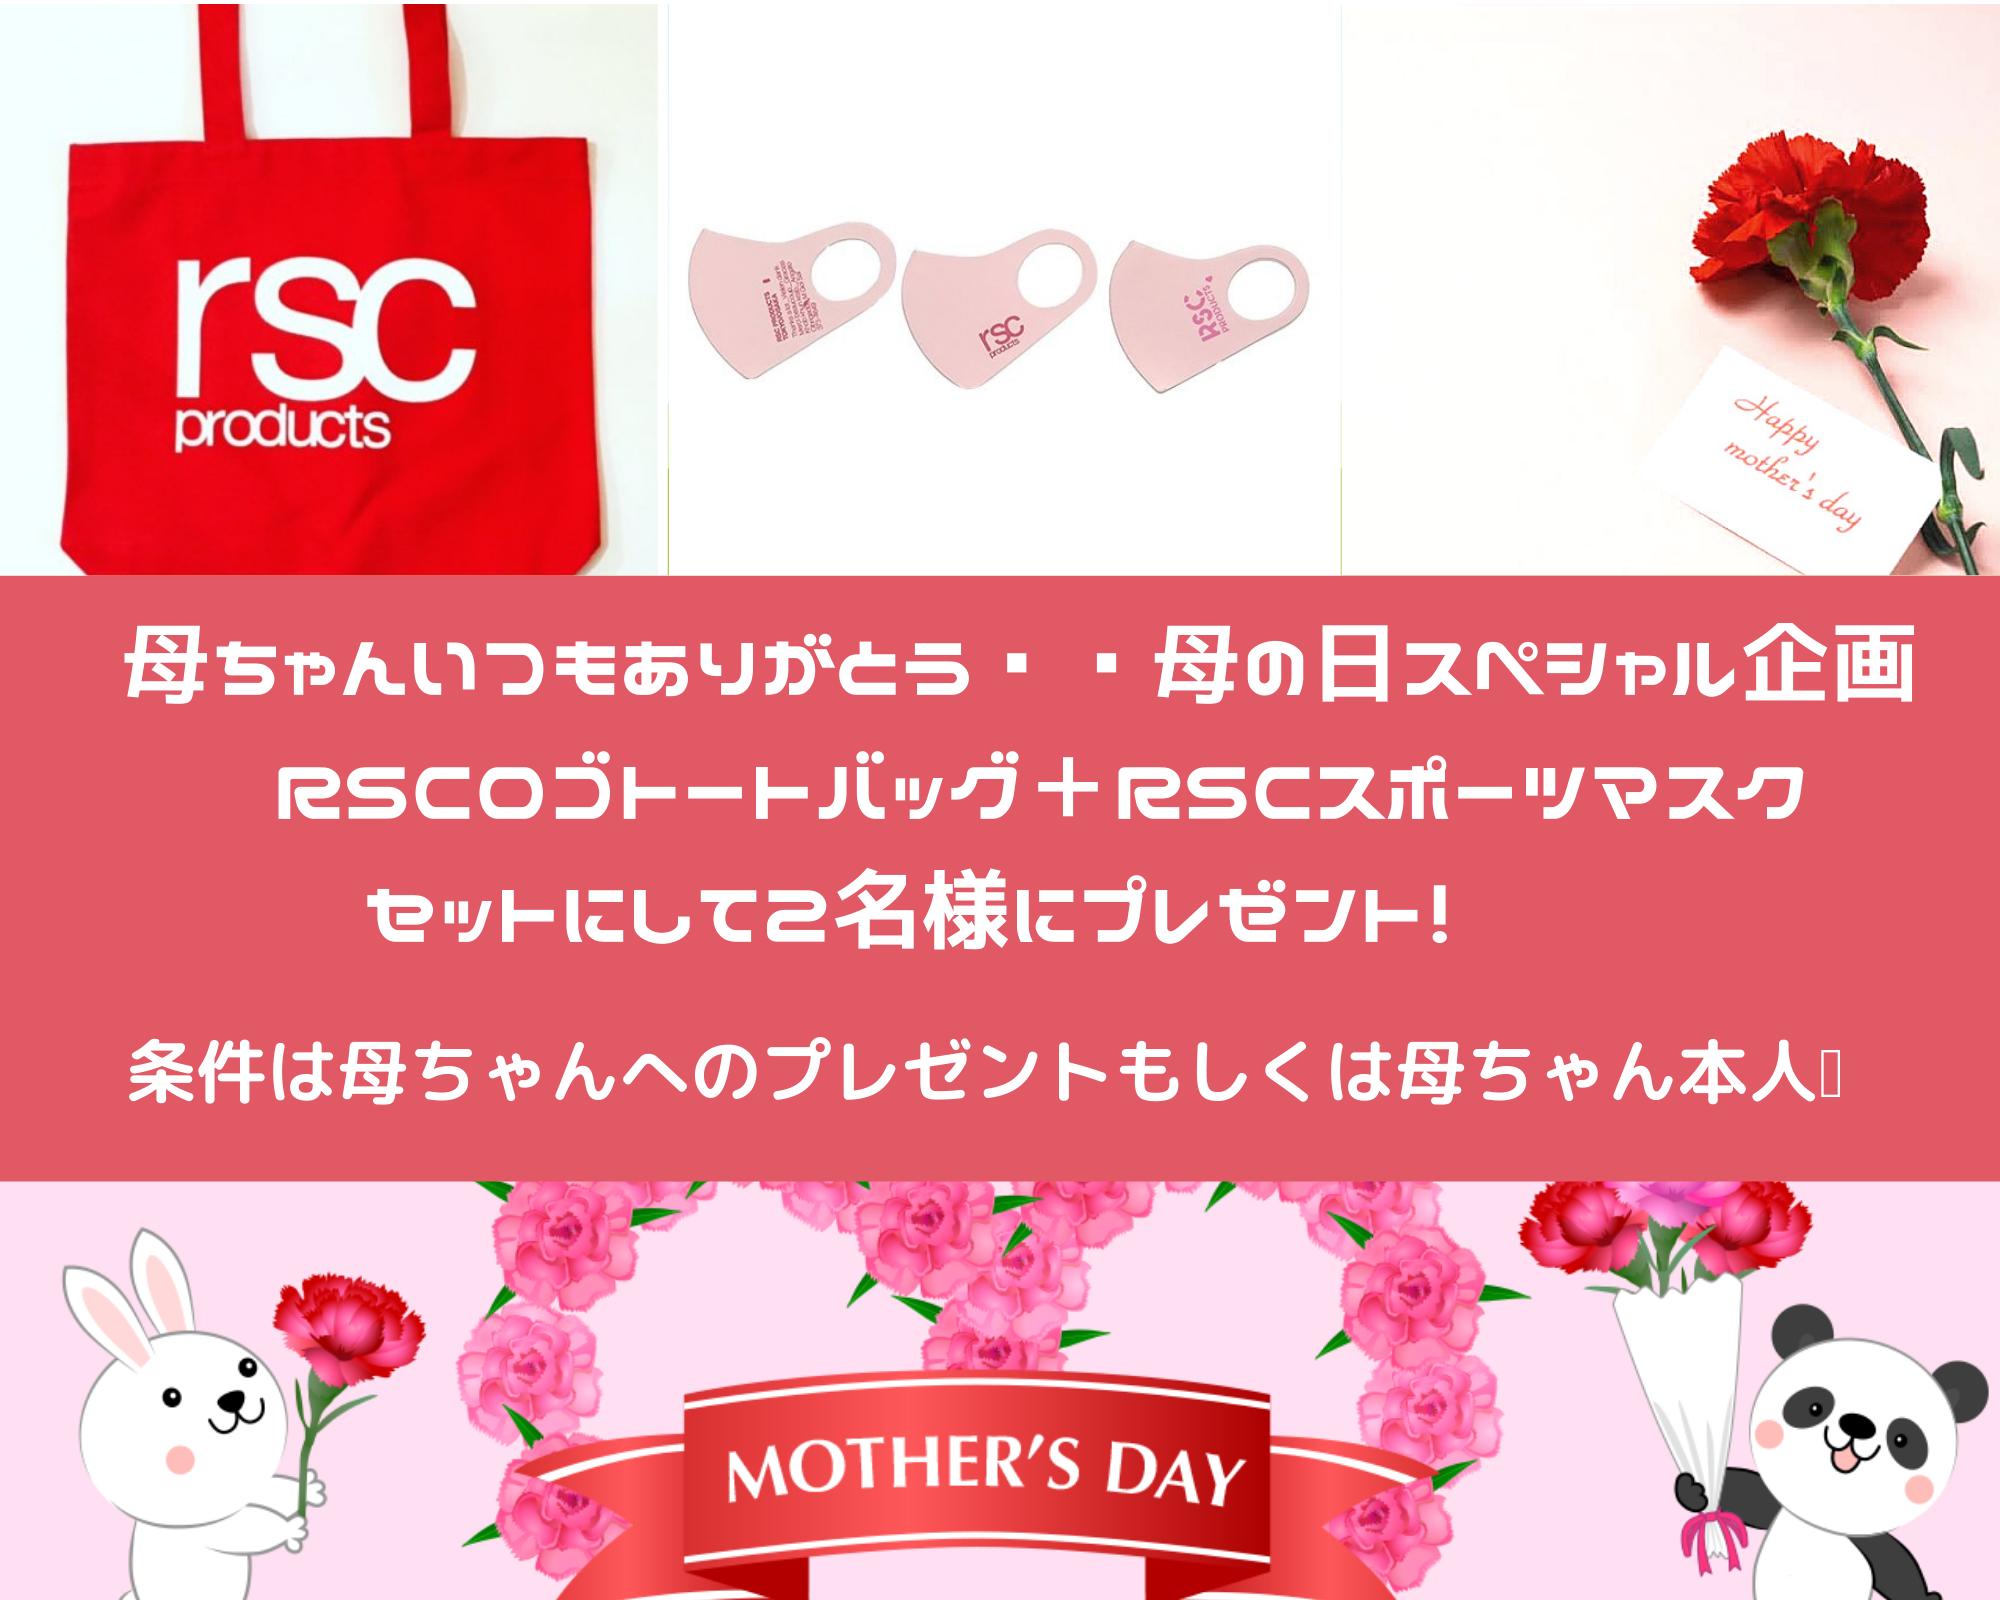 母の日スペシャルプレゼント企画